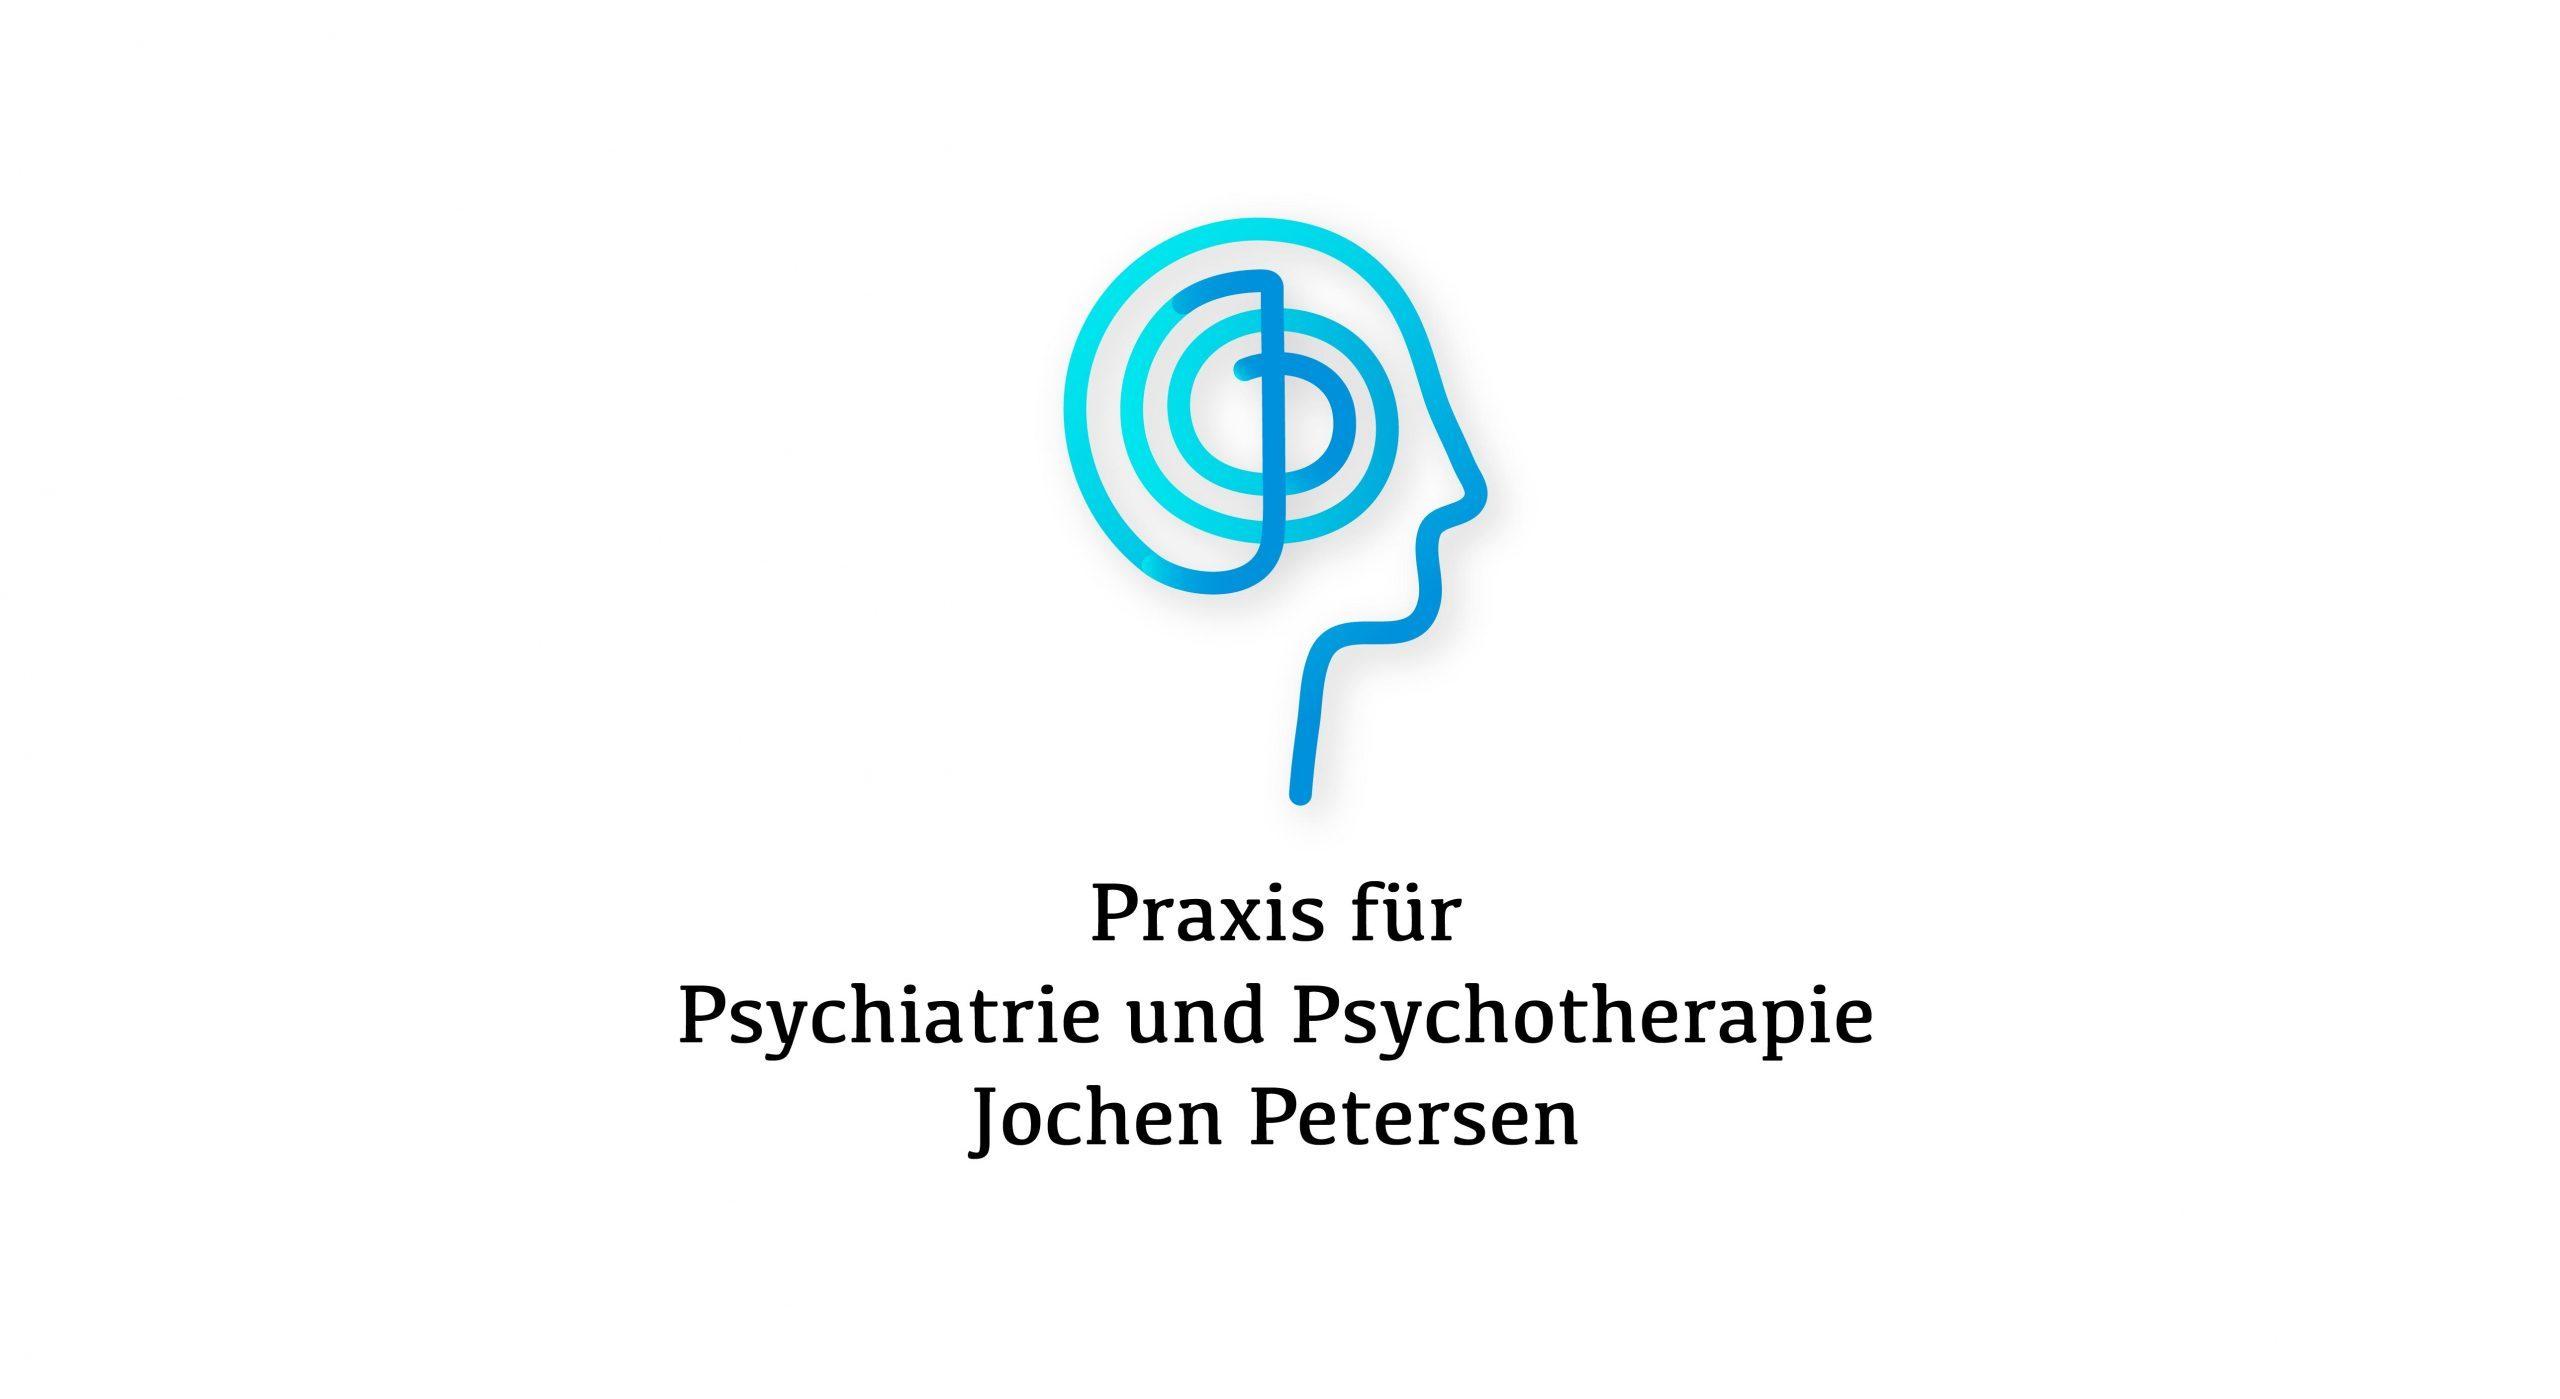 Praxis für Psychiatrie und Psychotherapie Jochen Petersen